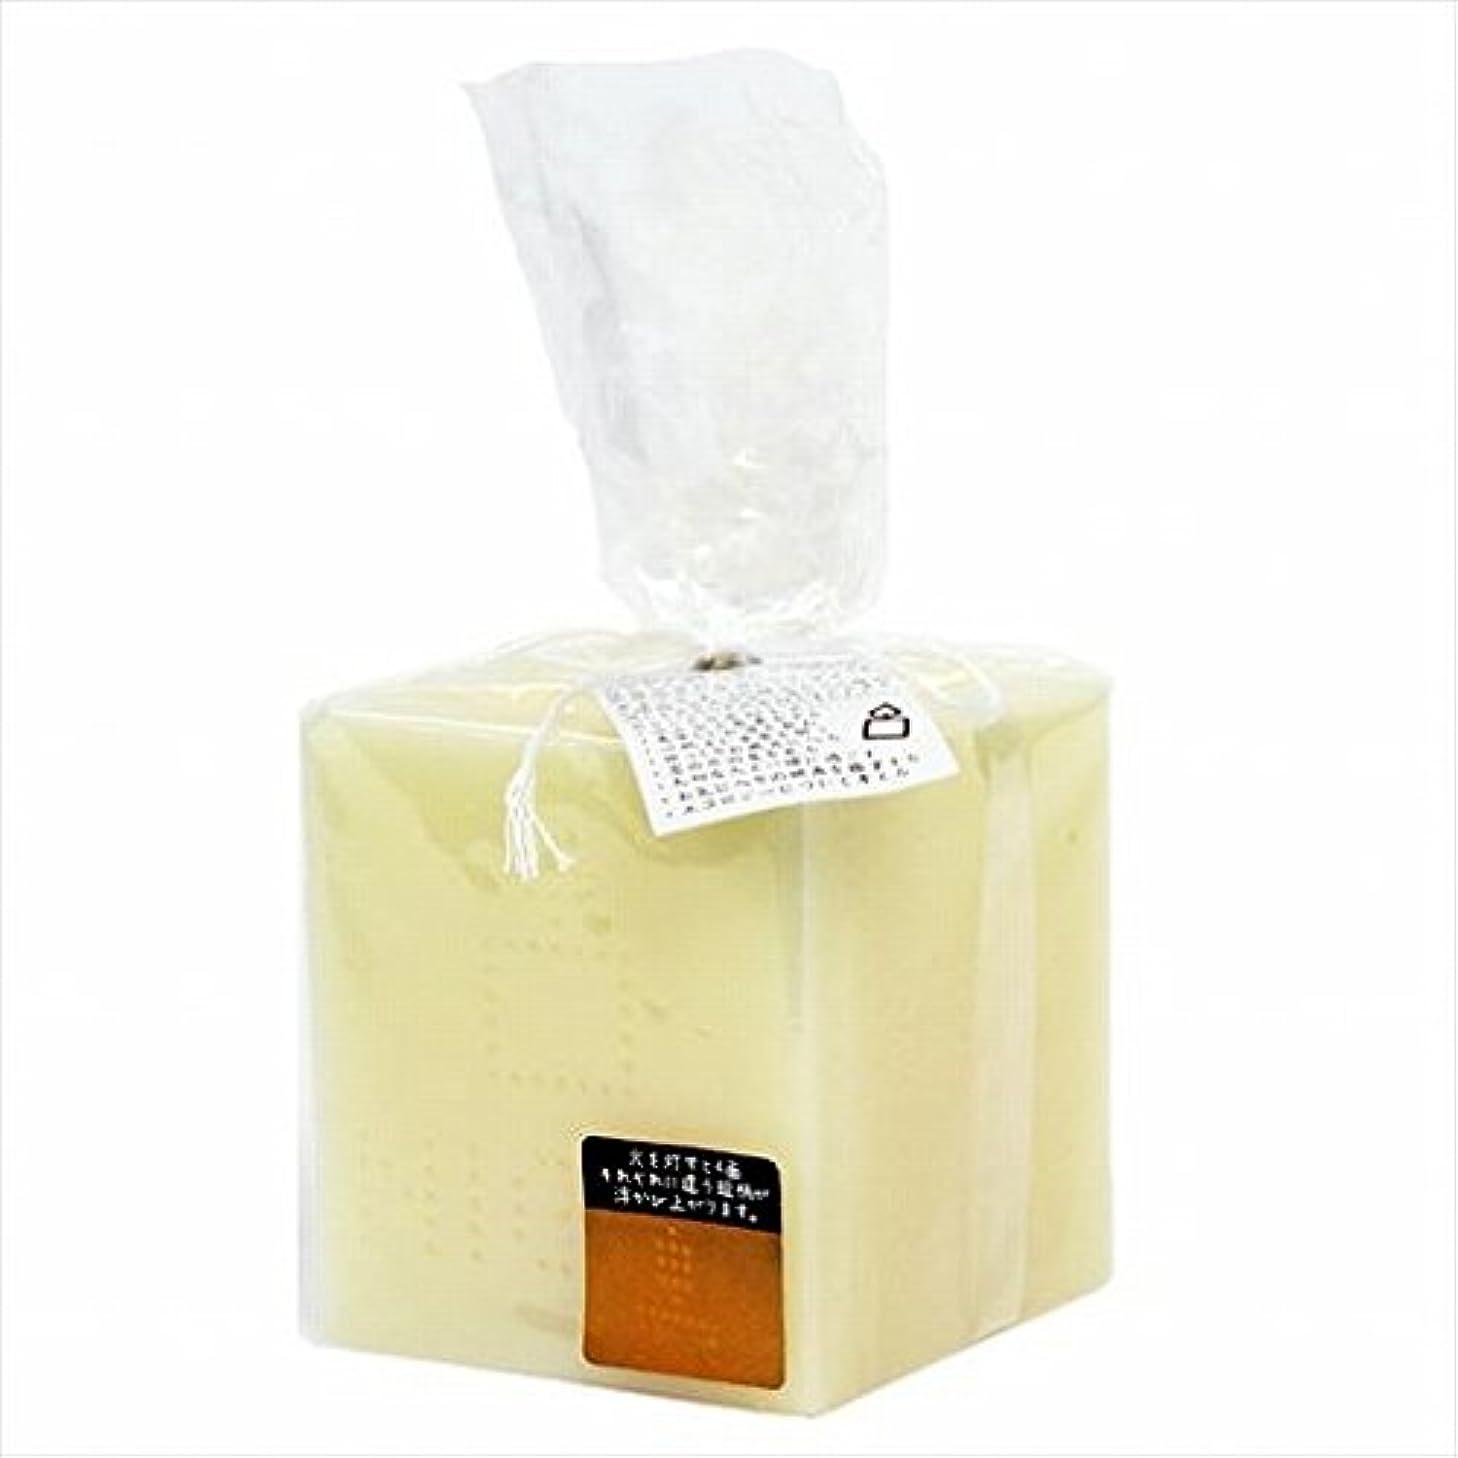 法王苛性アーサーコナンドイルカメヤマキャンドル(kameyama candle) キャンドルナイト